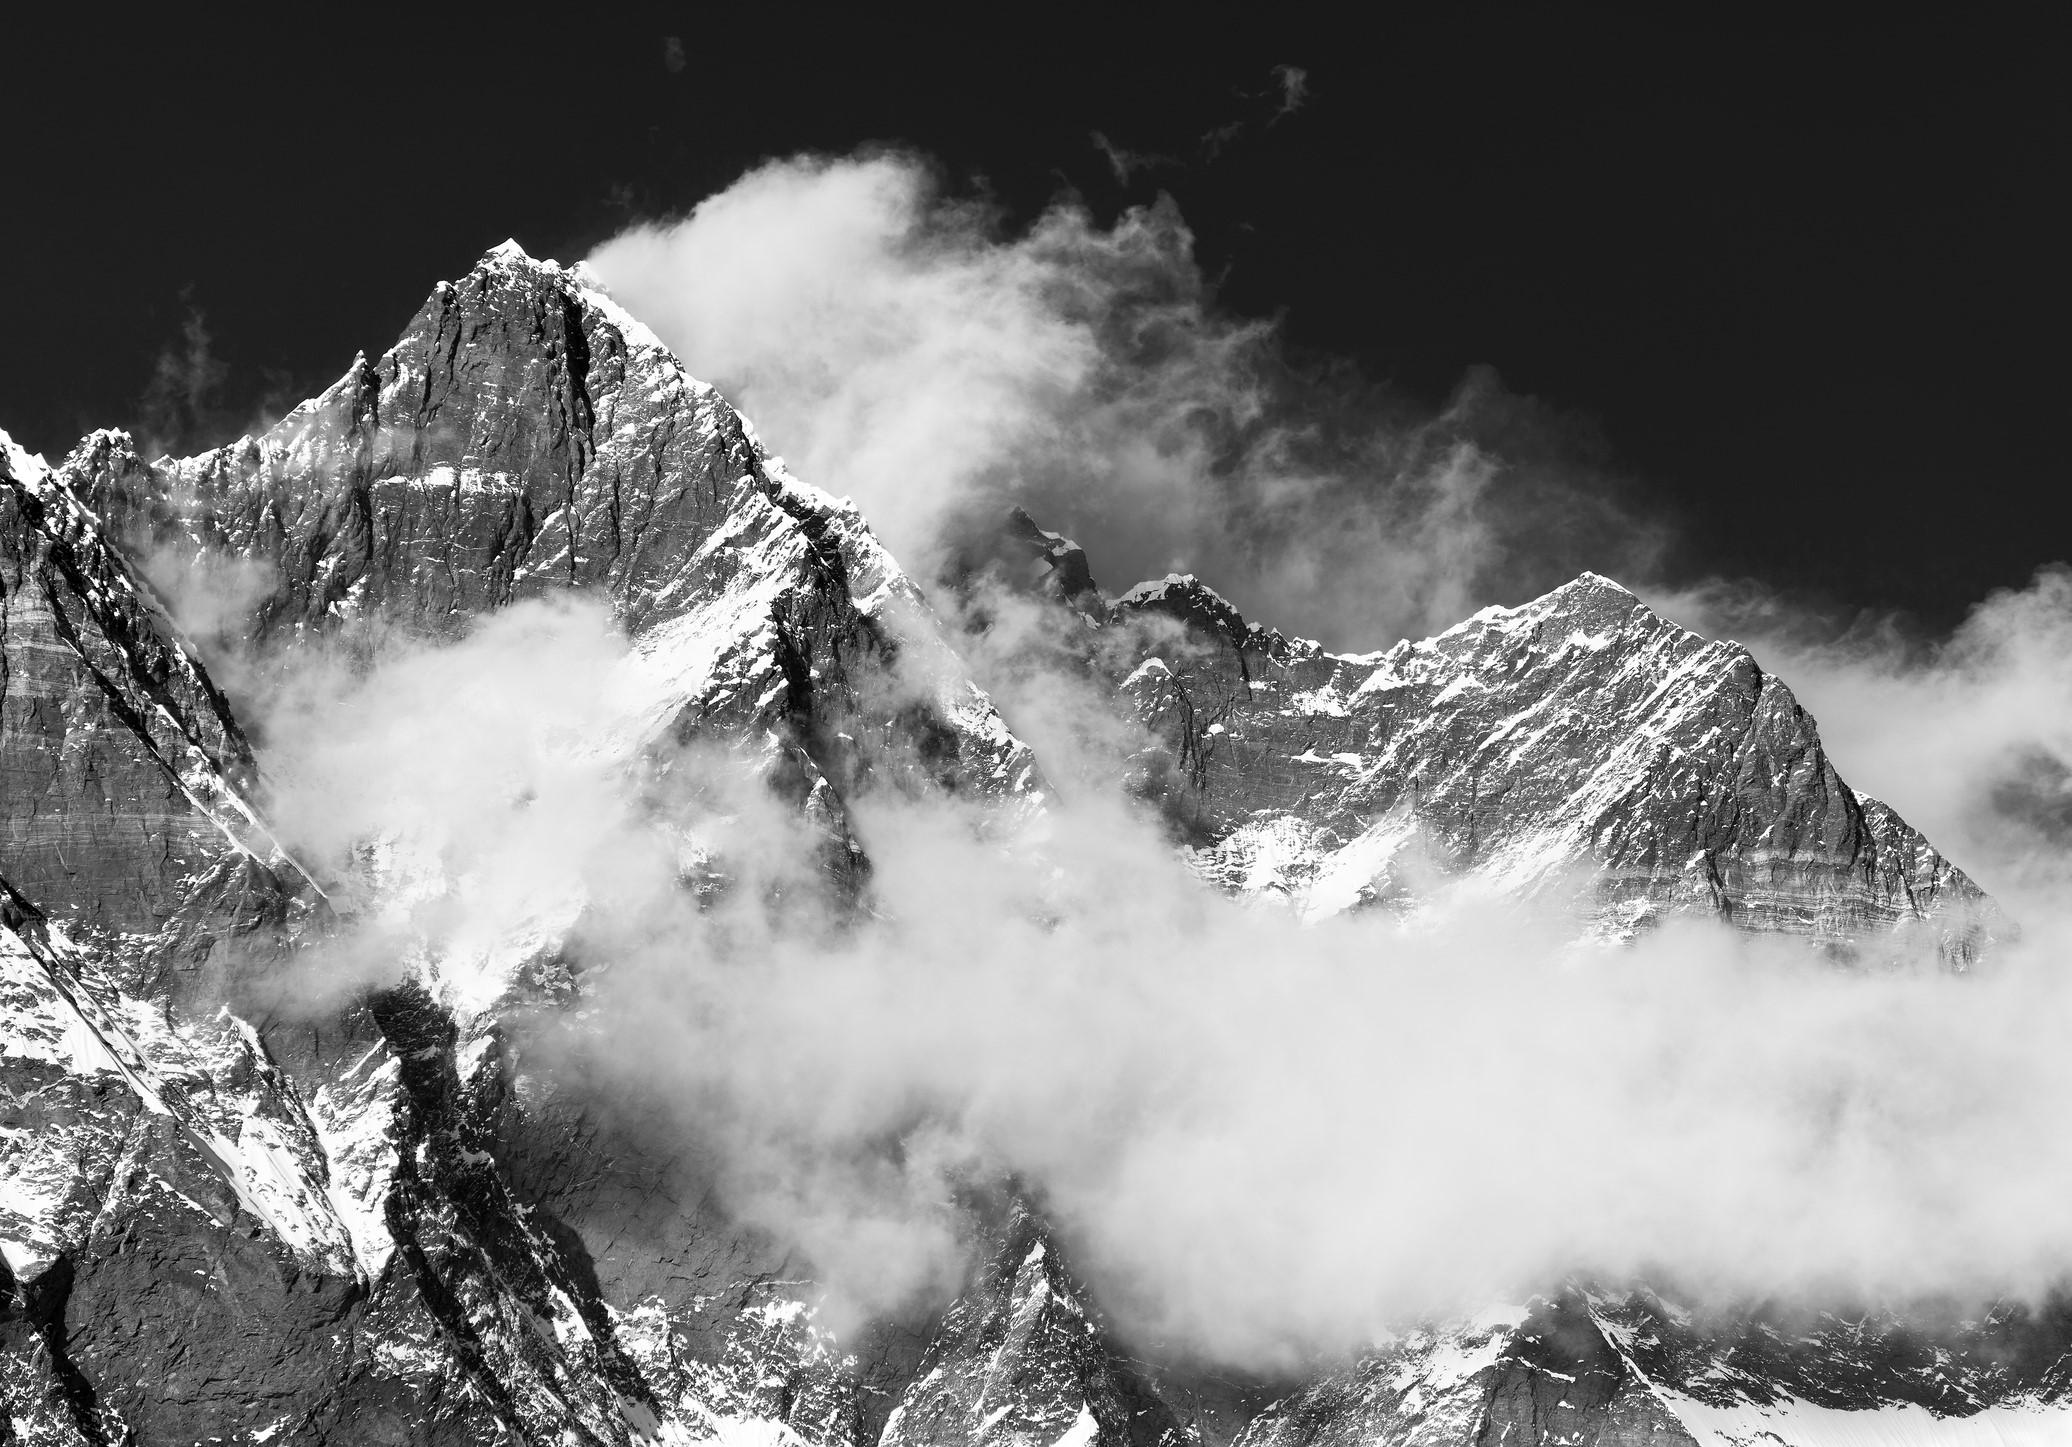 Lhotse full frame